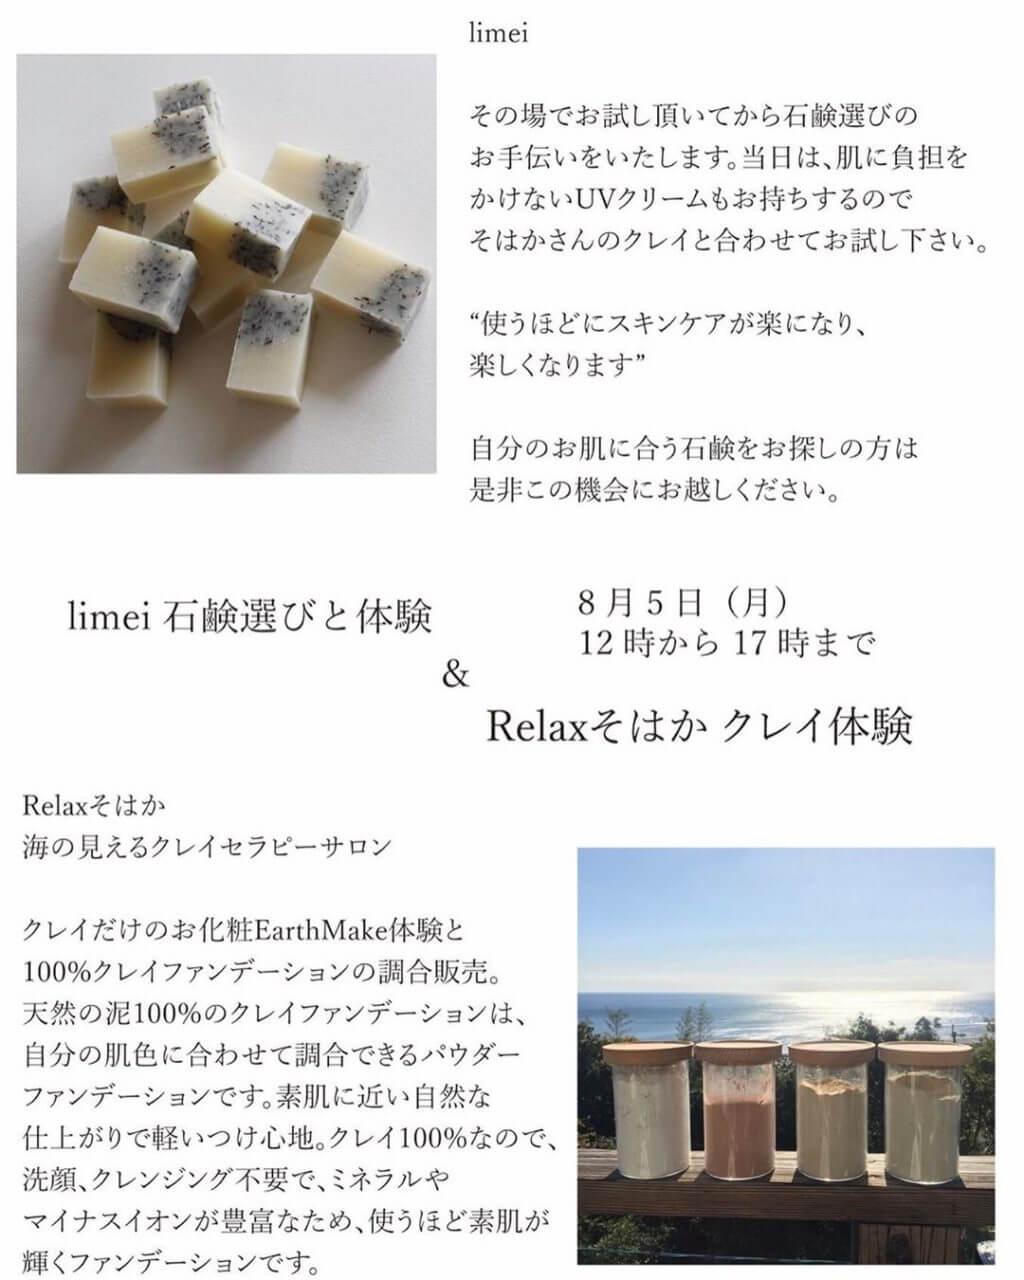 limei石鹸選びと体験&Relaxそはか クレイ体験のお知らせ